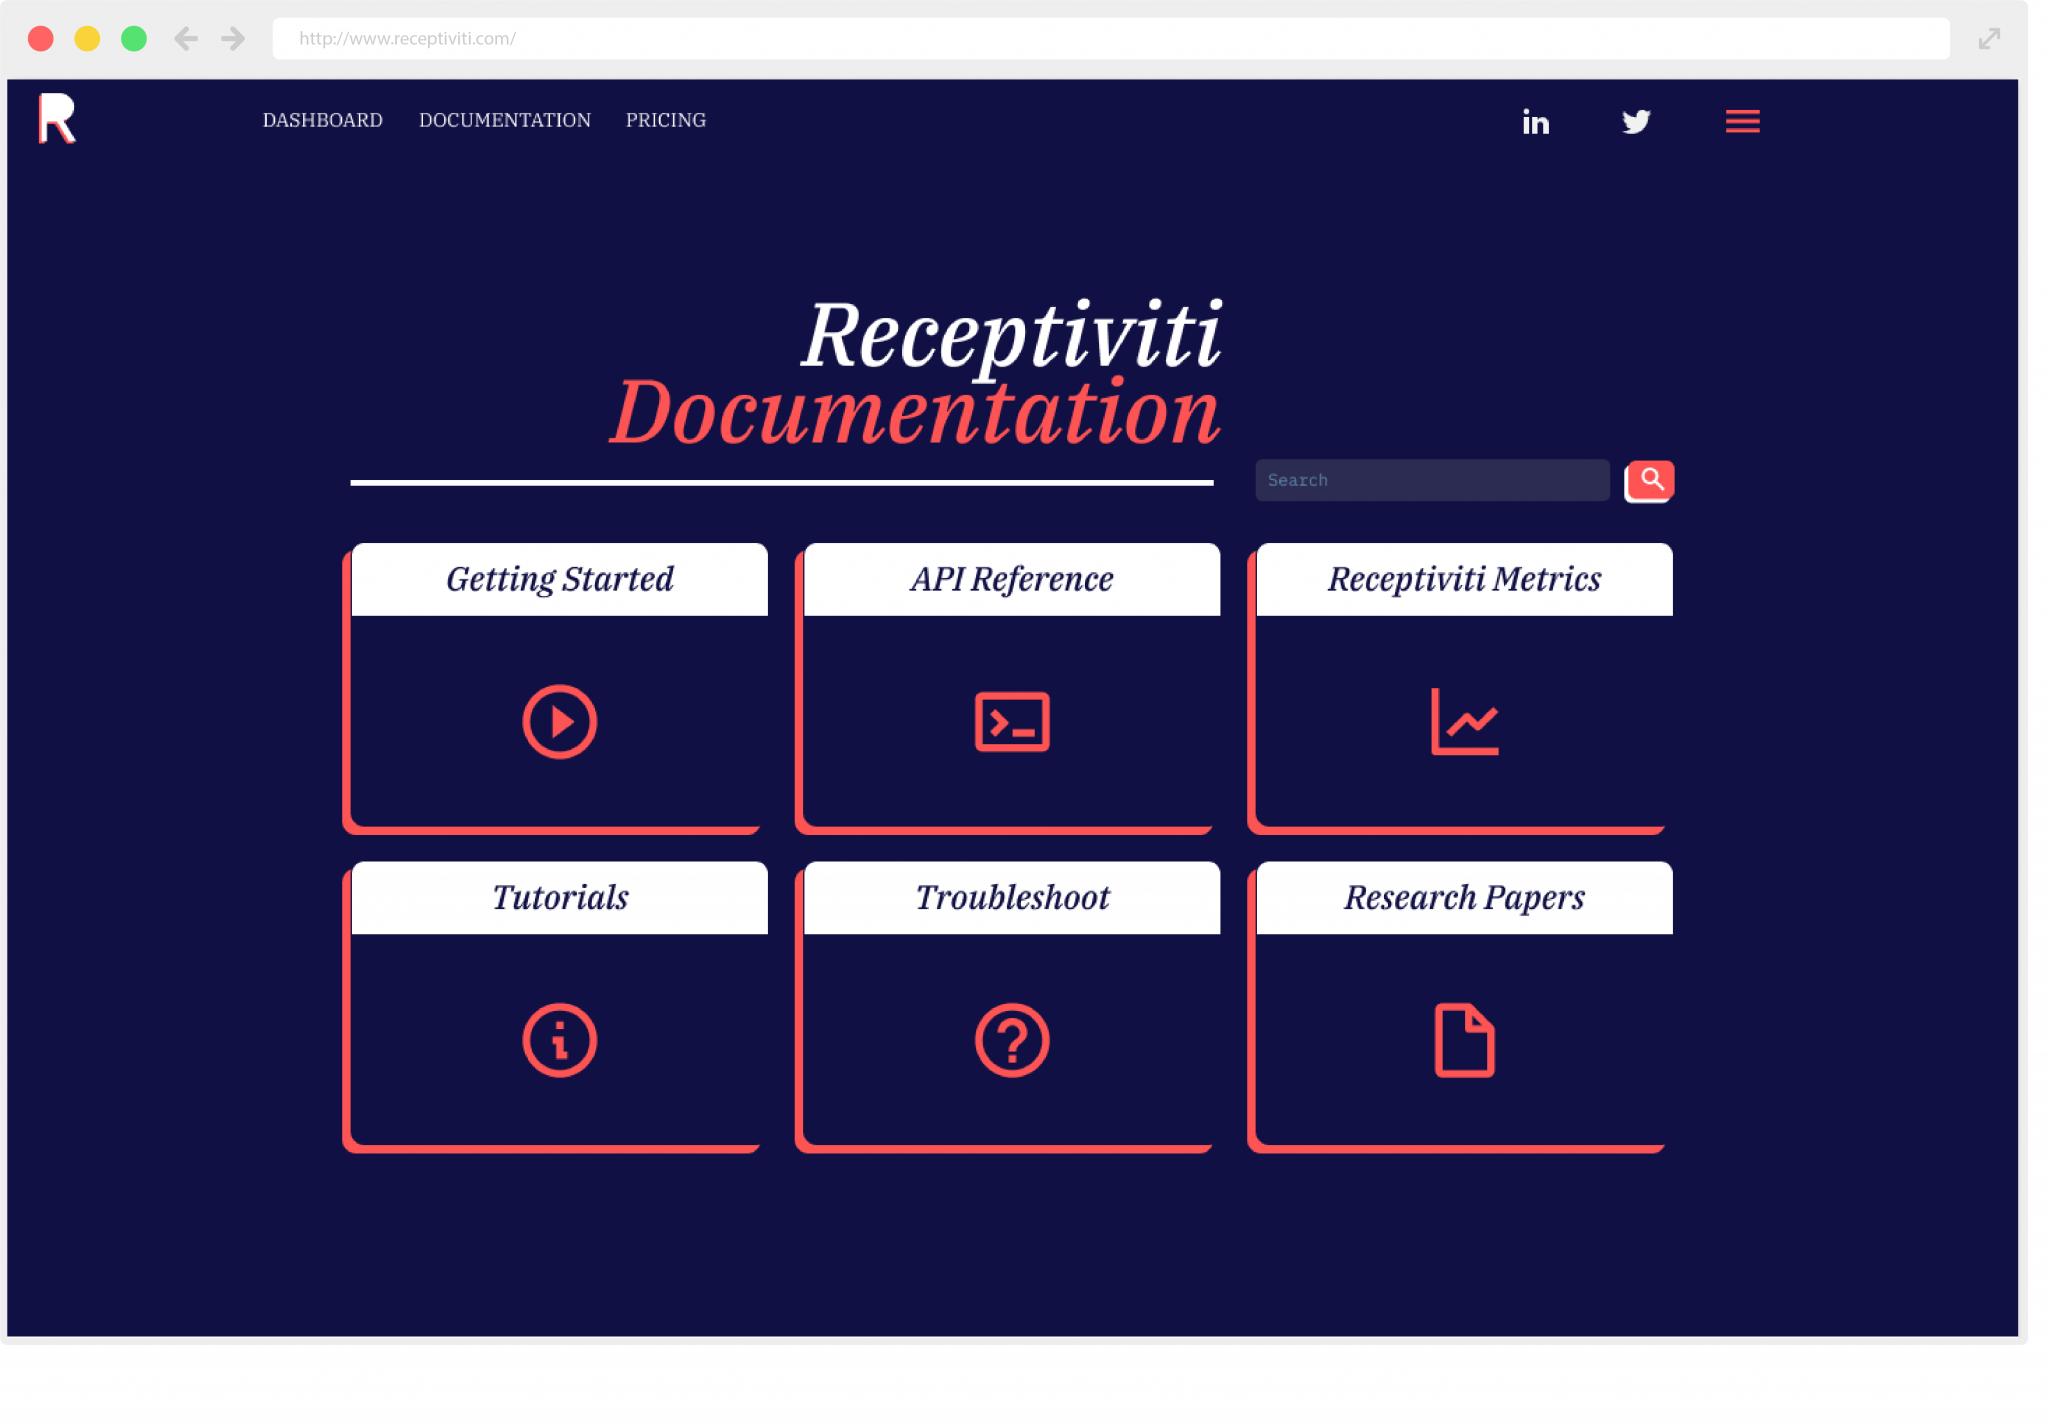 Documentation - Category Icons